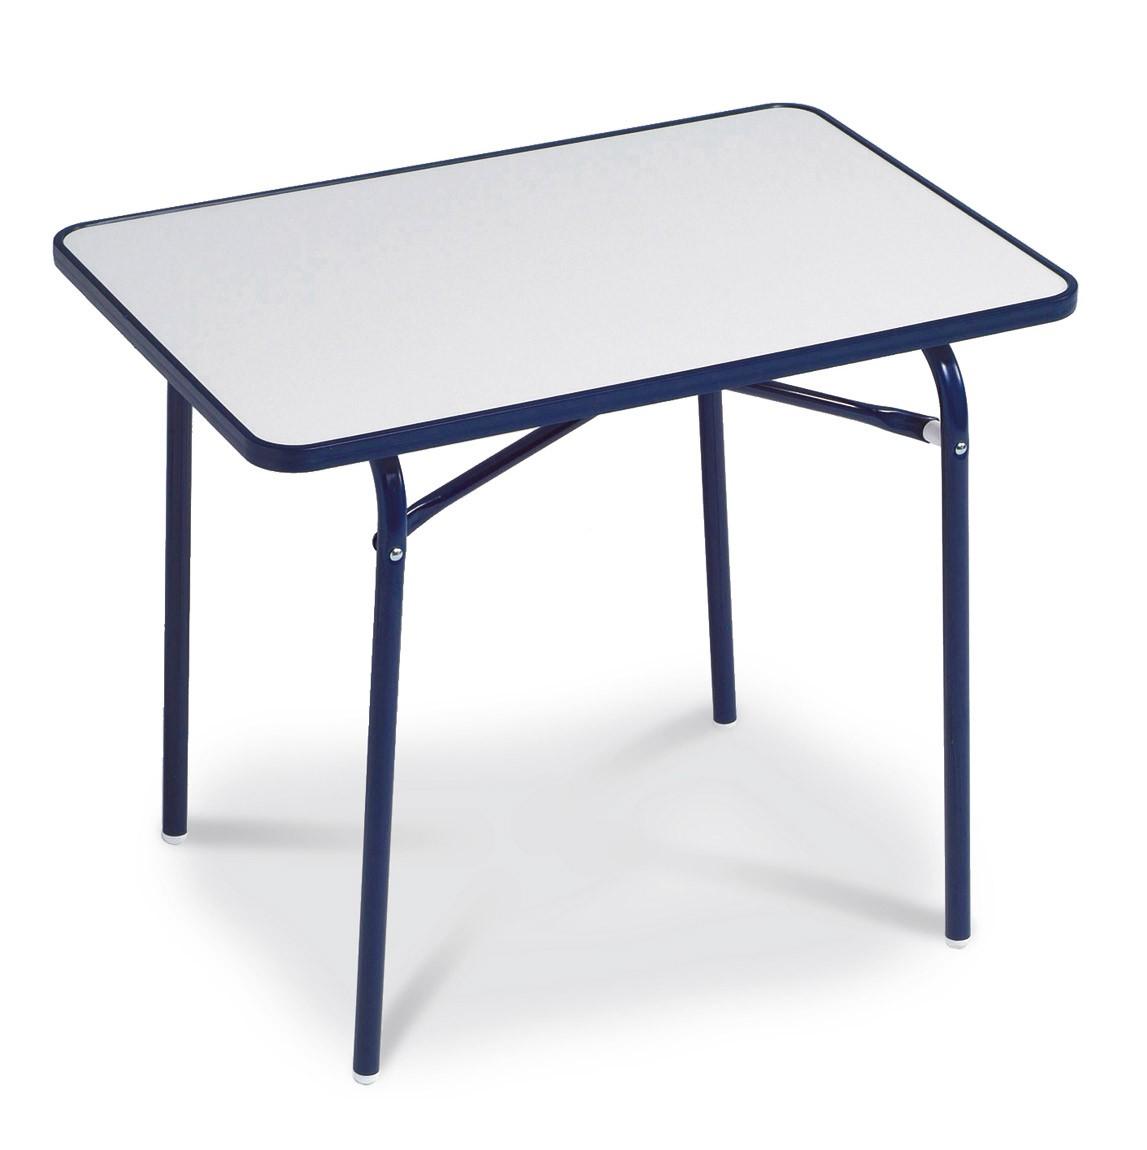 Kinder Campingtisch Klapptisch Best 60x40cm blau Bild 1